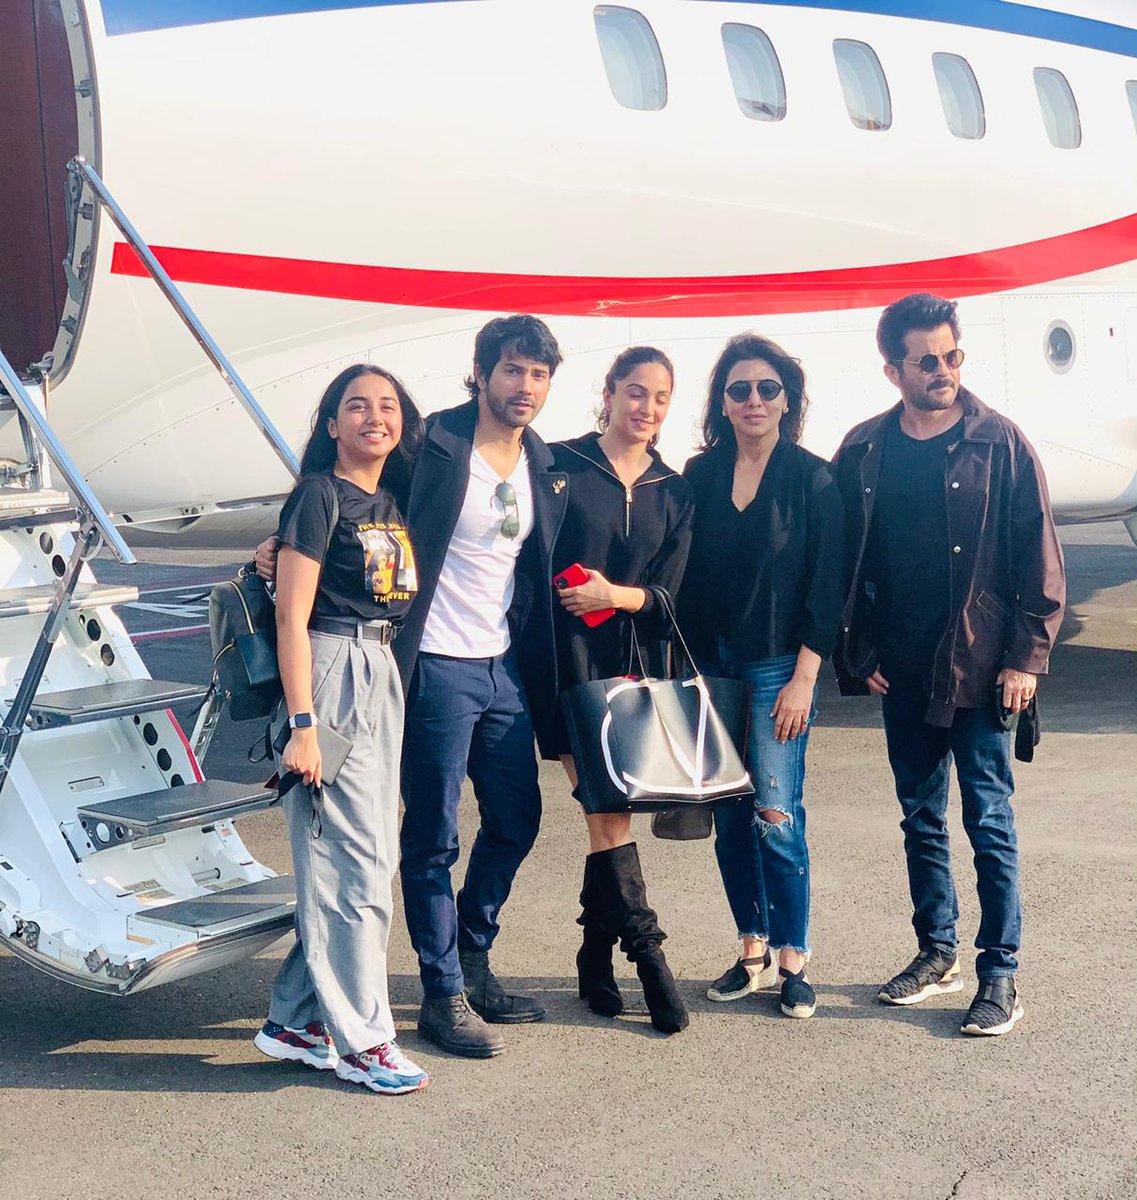 And we are off ✈️ !! #JugJuggJeeyoBegins  #NeetuKapoor @Varun_dvn  @advani_kiara  @iamMostlySane   @raj_a_mehta  @DharmaMovies